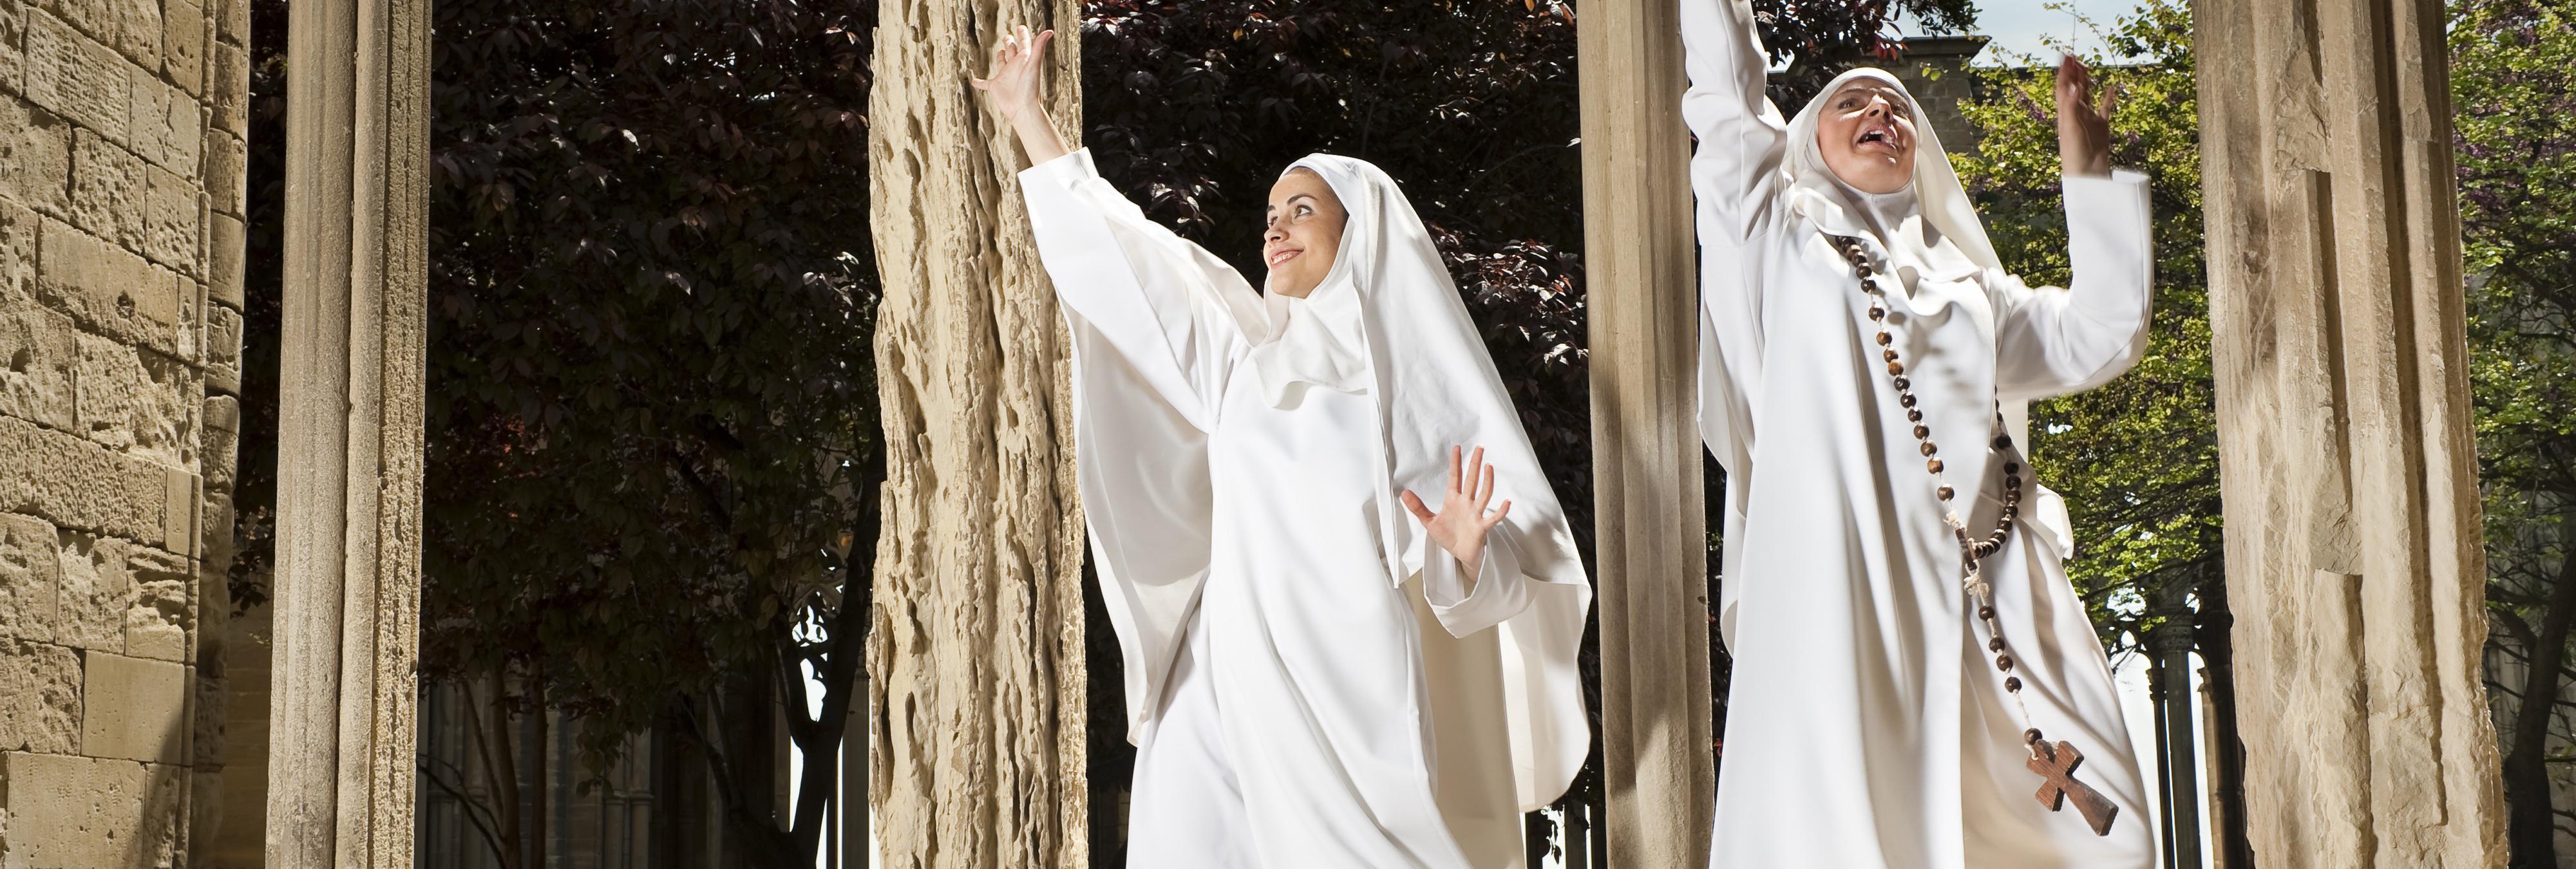 Las monjas salen del convento y se convierten en la última moda